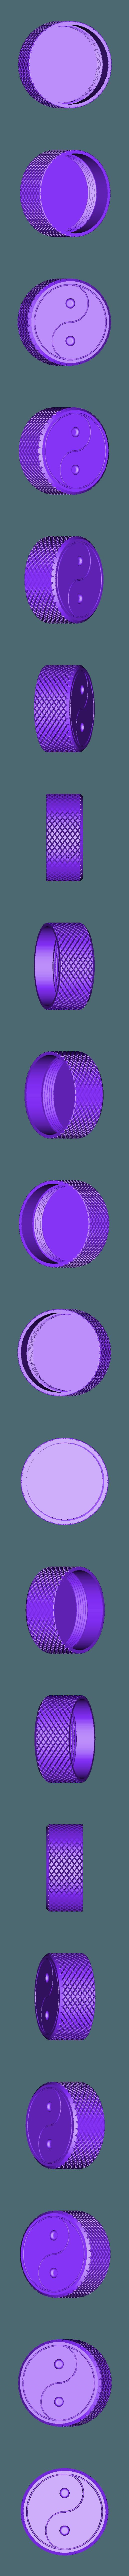 OCD_Top_Cover.stl Télécharger fichier STL gratuit Distributeur de café 58mm • Objet pour impression 3D, Oggie